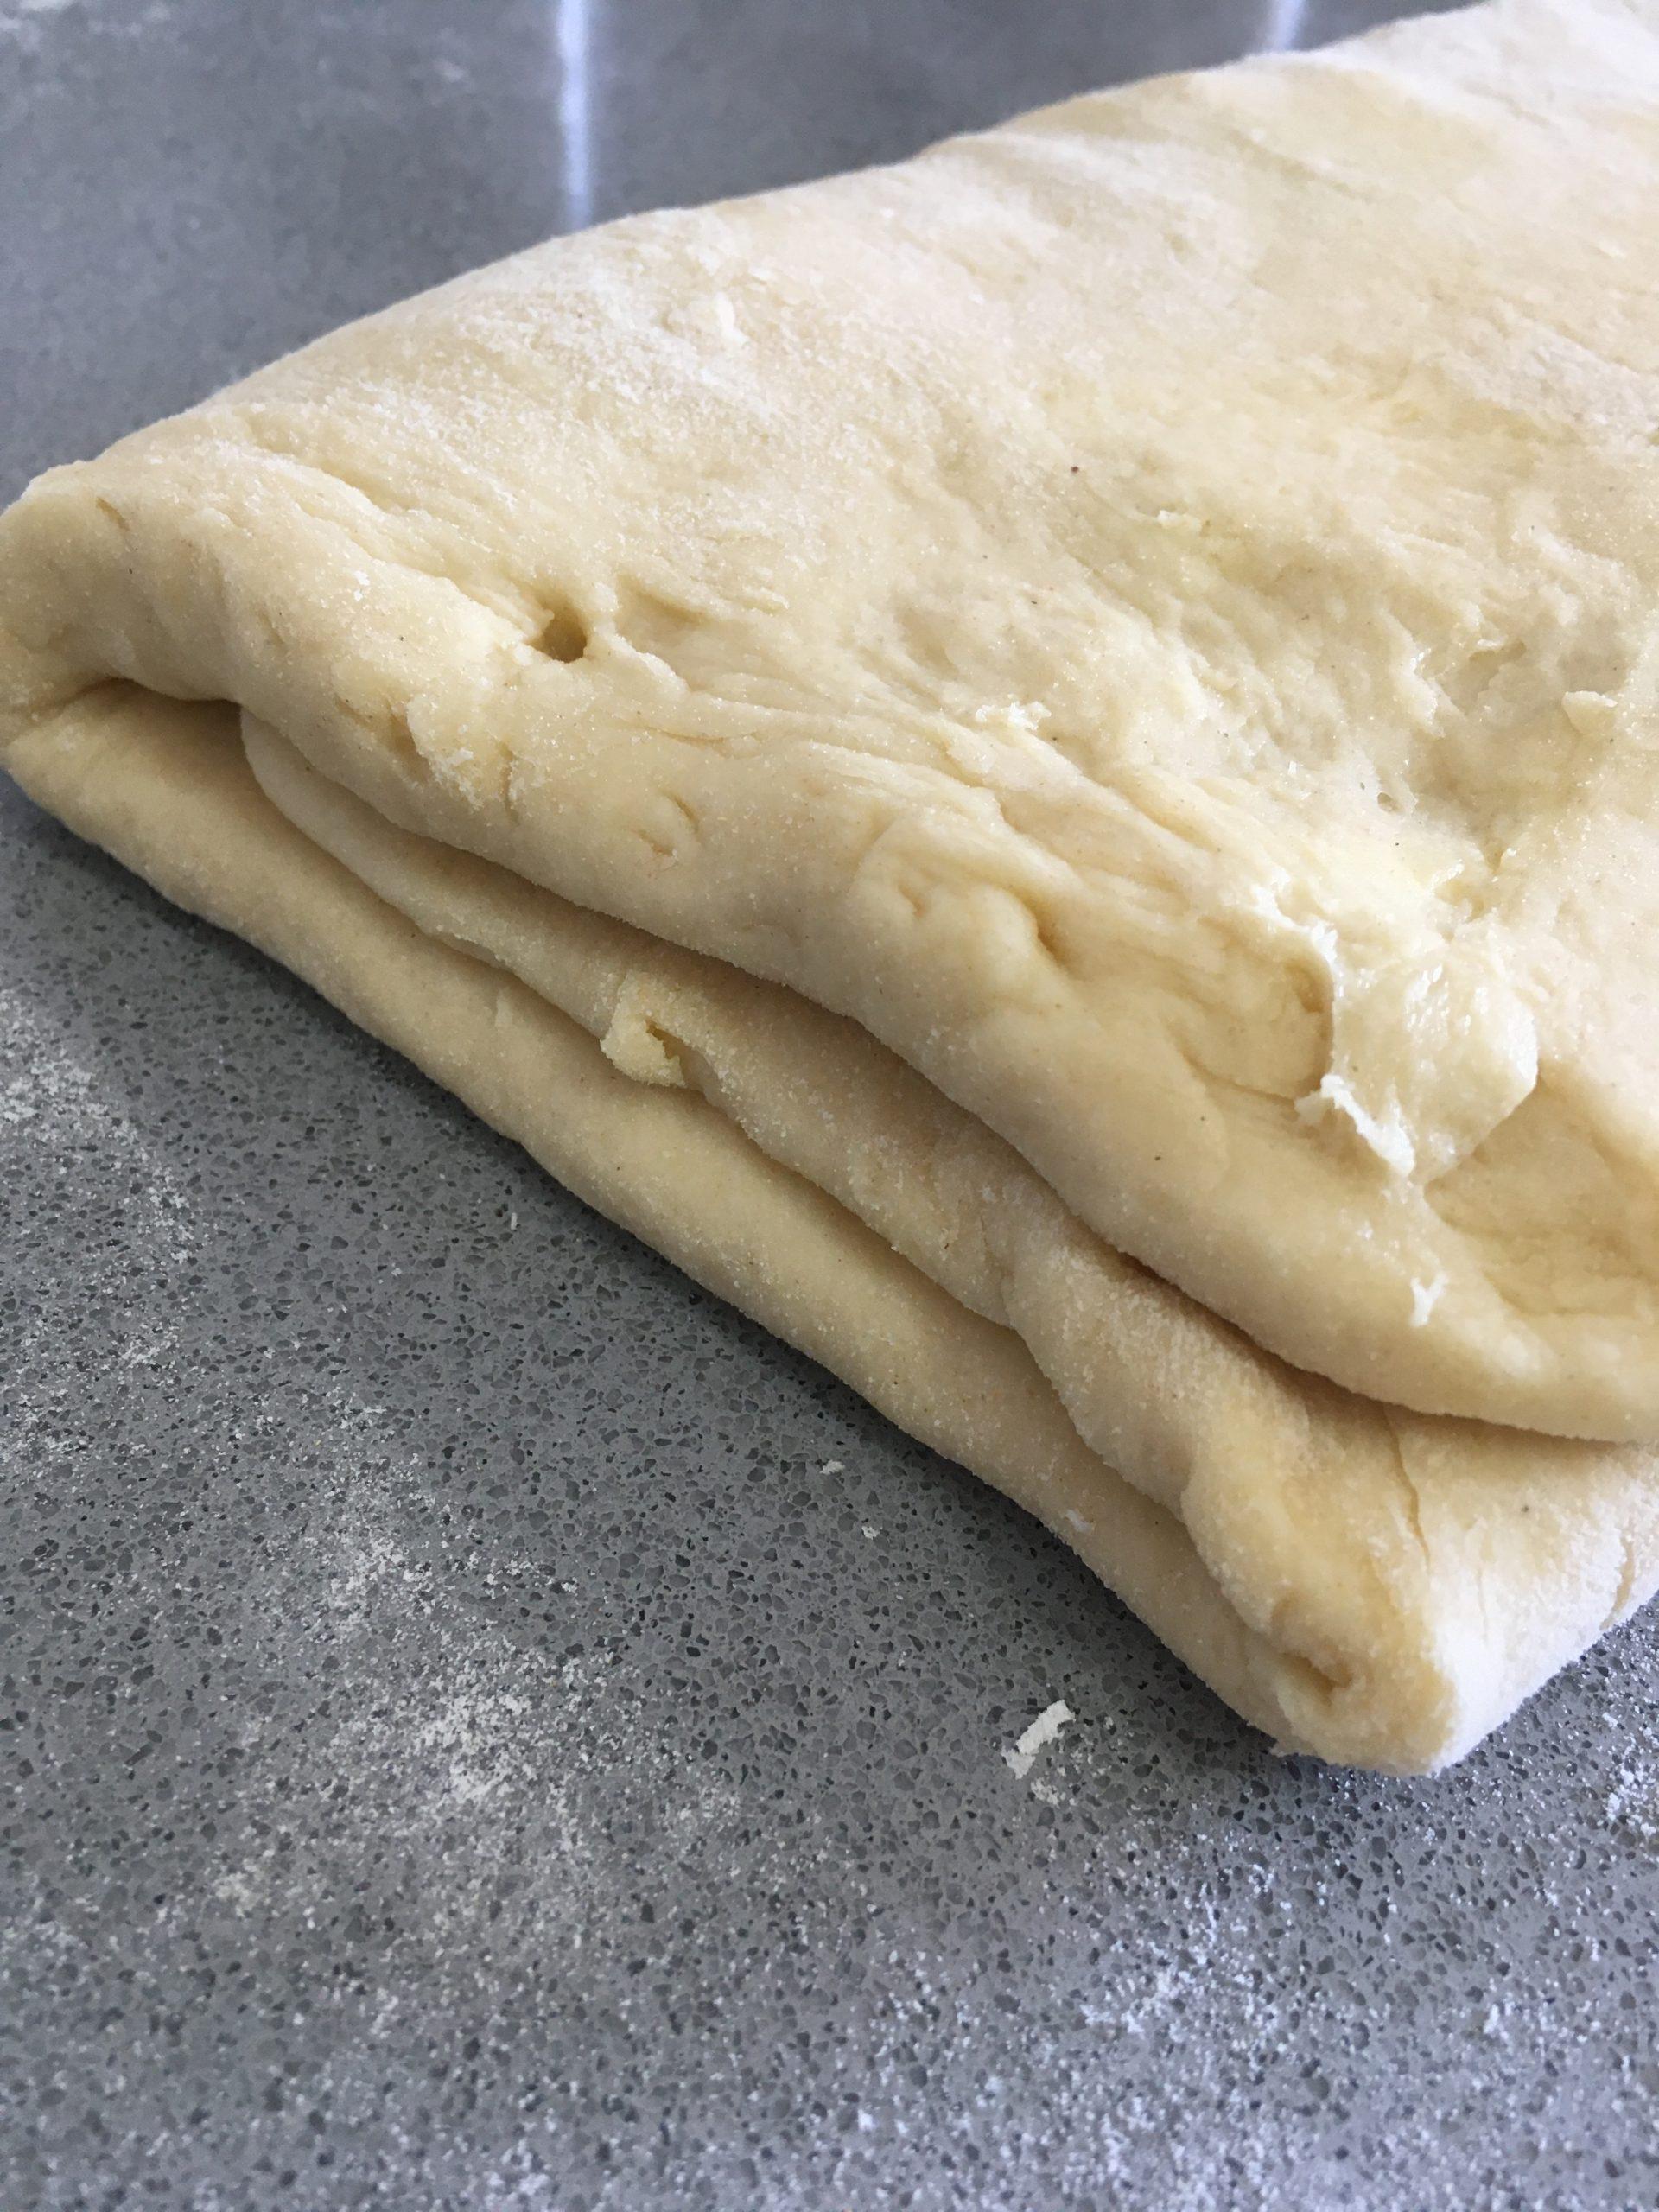 קראנץ גבינה | צילום: ספיר דהן